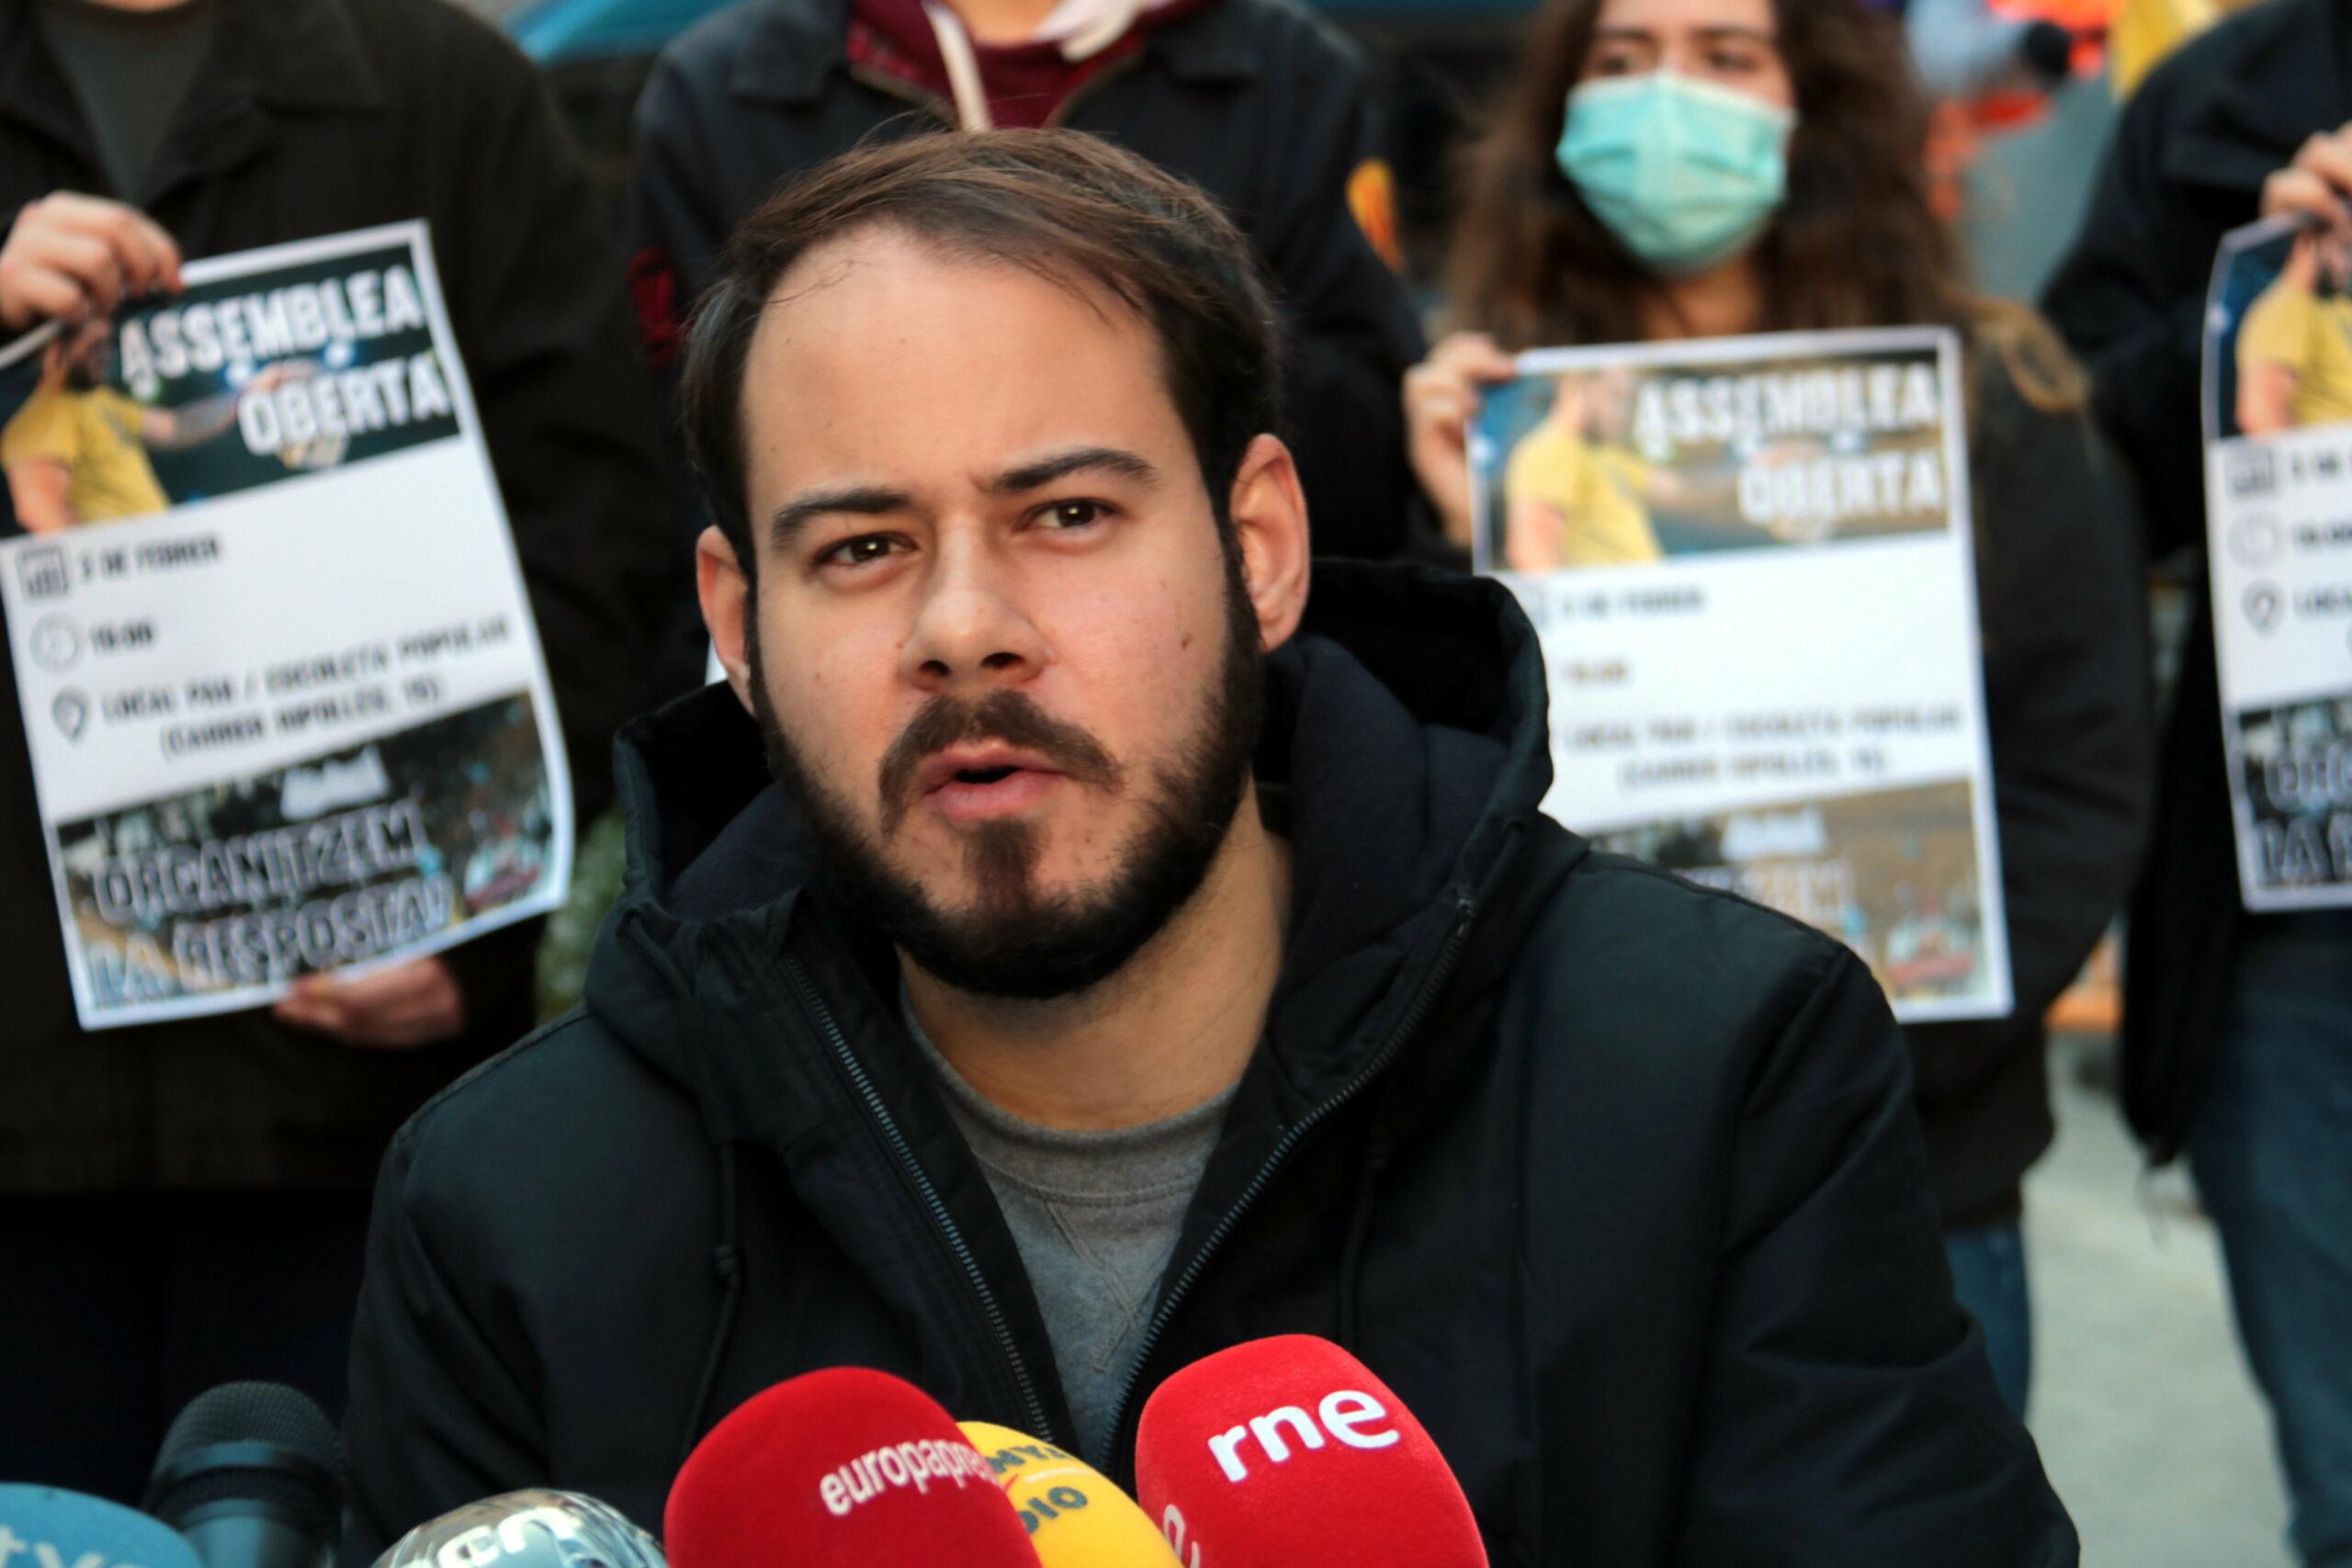 El raper Pablo Hasél durant la roda de premsa que ha ofert davant de la seu del PSC de Lleida | ACN